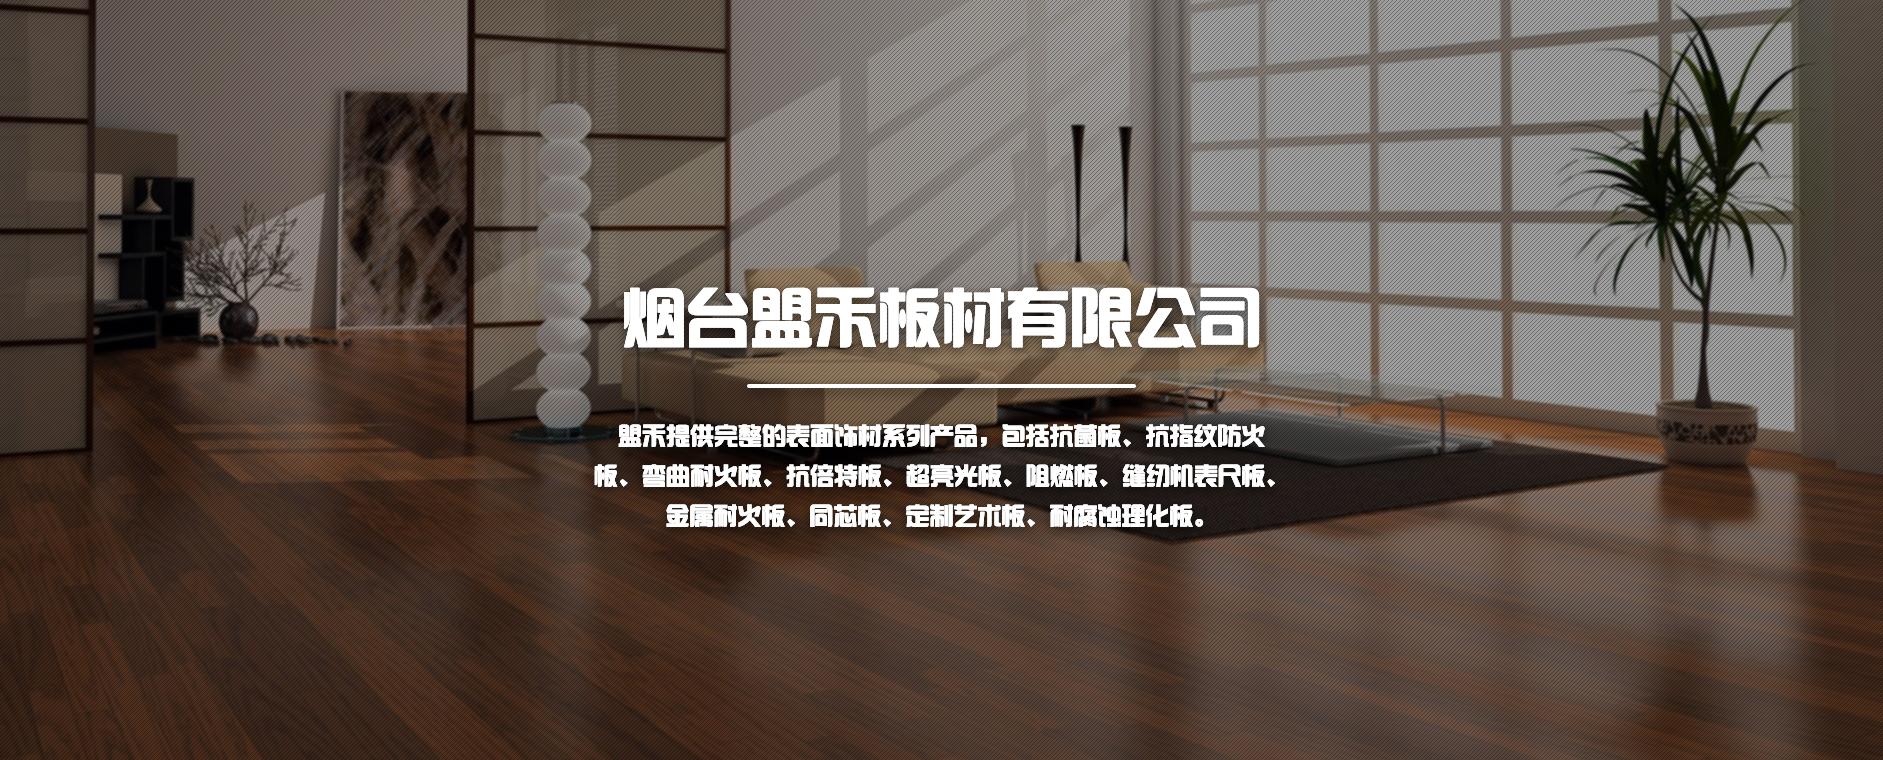 耐火板,耐火板,耐火板,耐火板,耐火板,耐火板,烟台盟禾板材有限公司